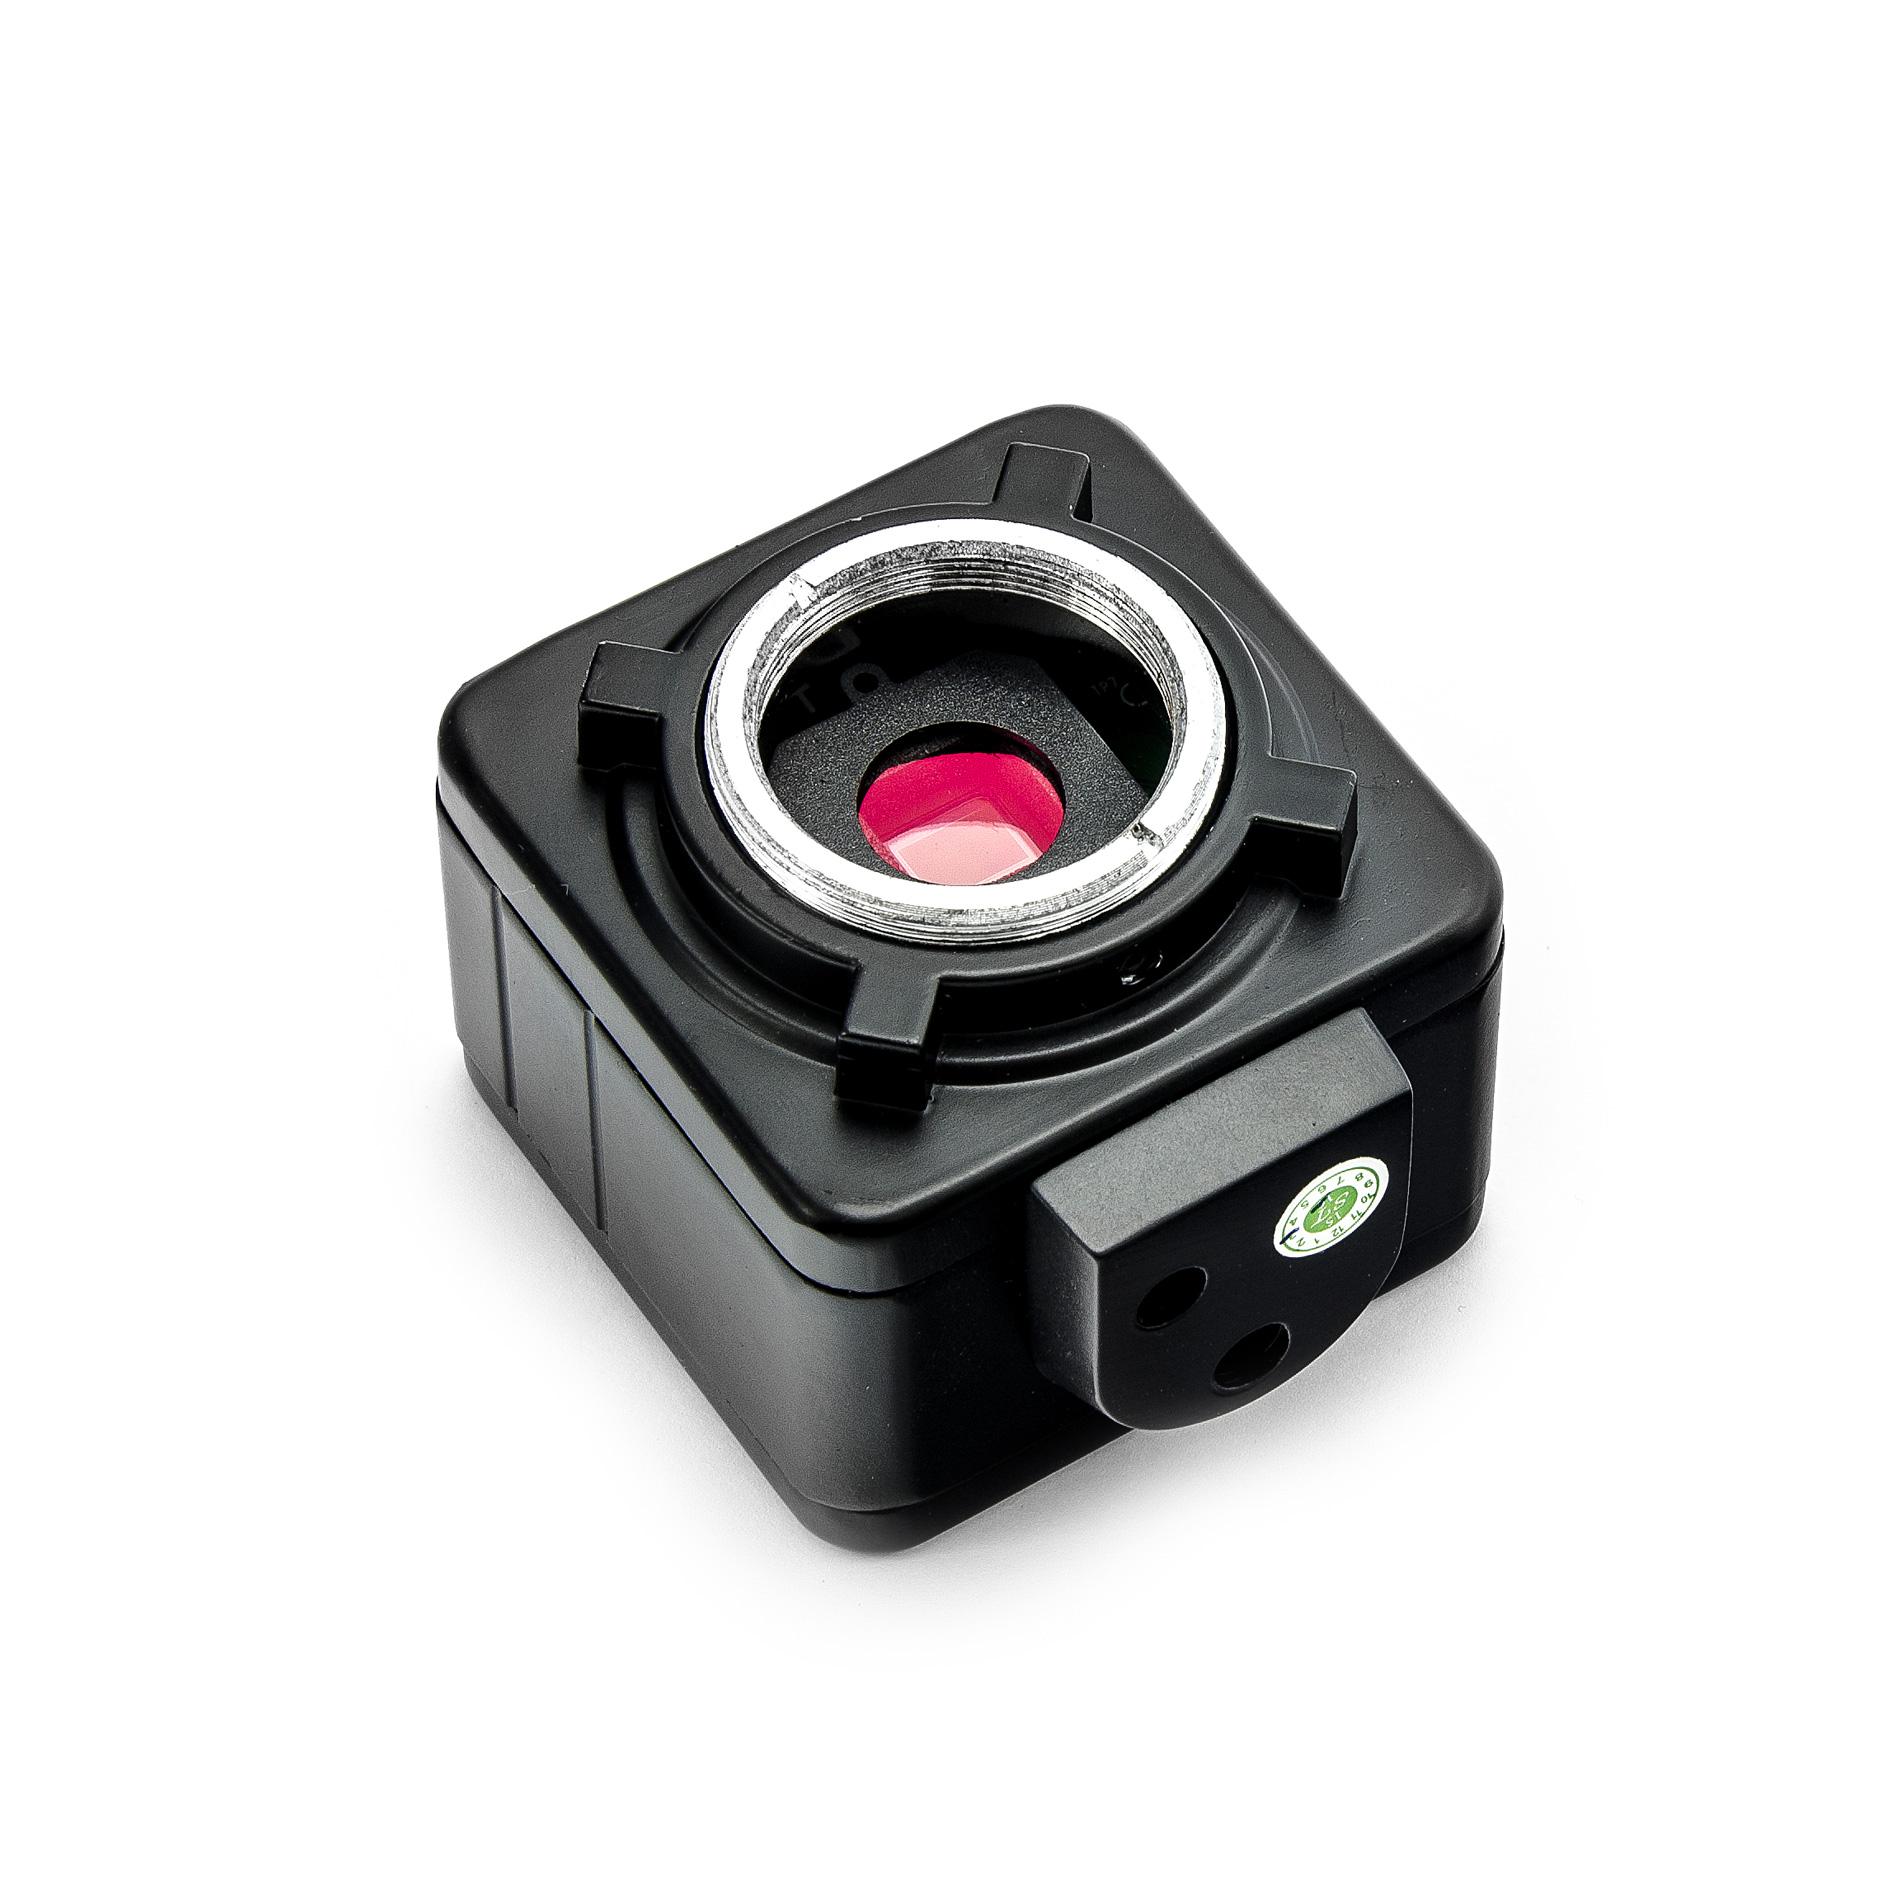 USB kamera pro okulárové mikroskopy Hi-res 5Mpix